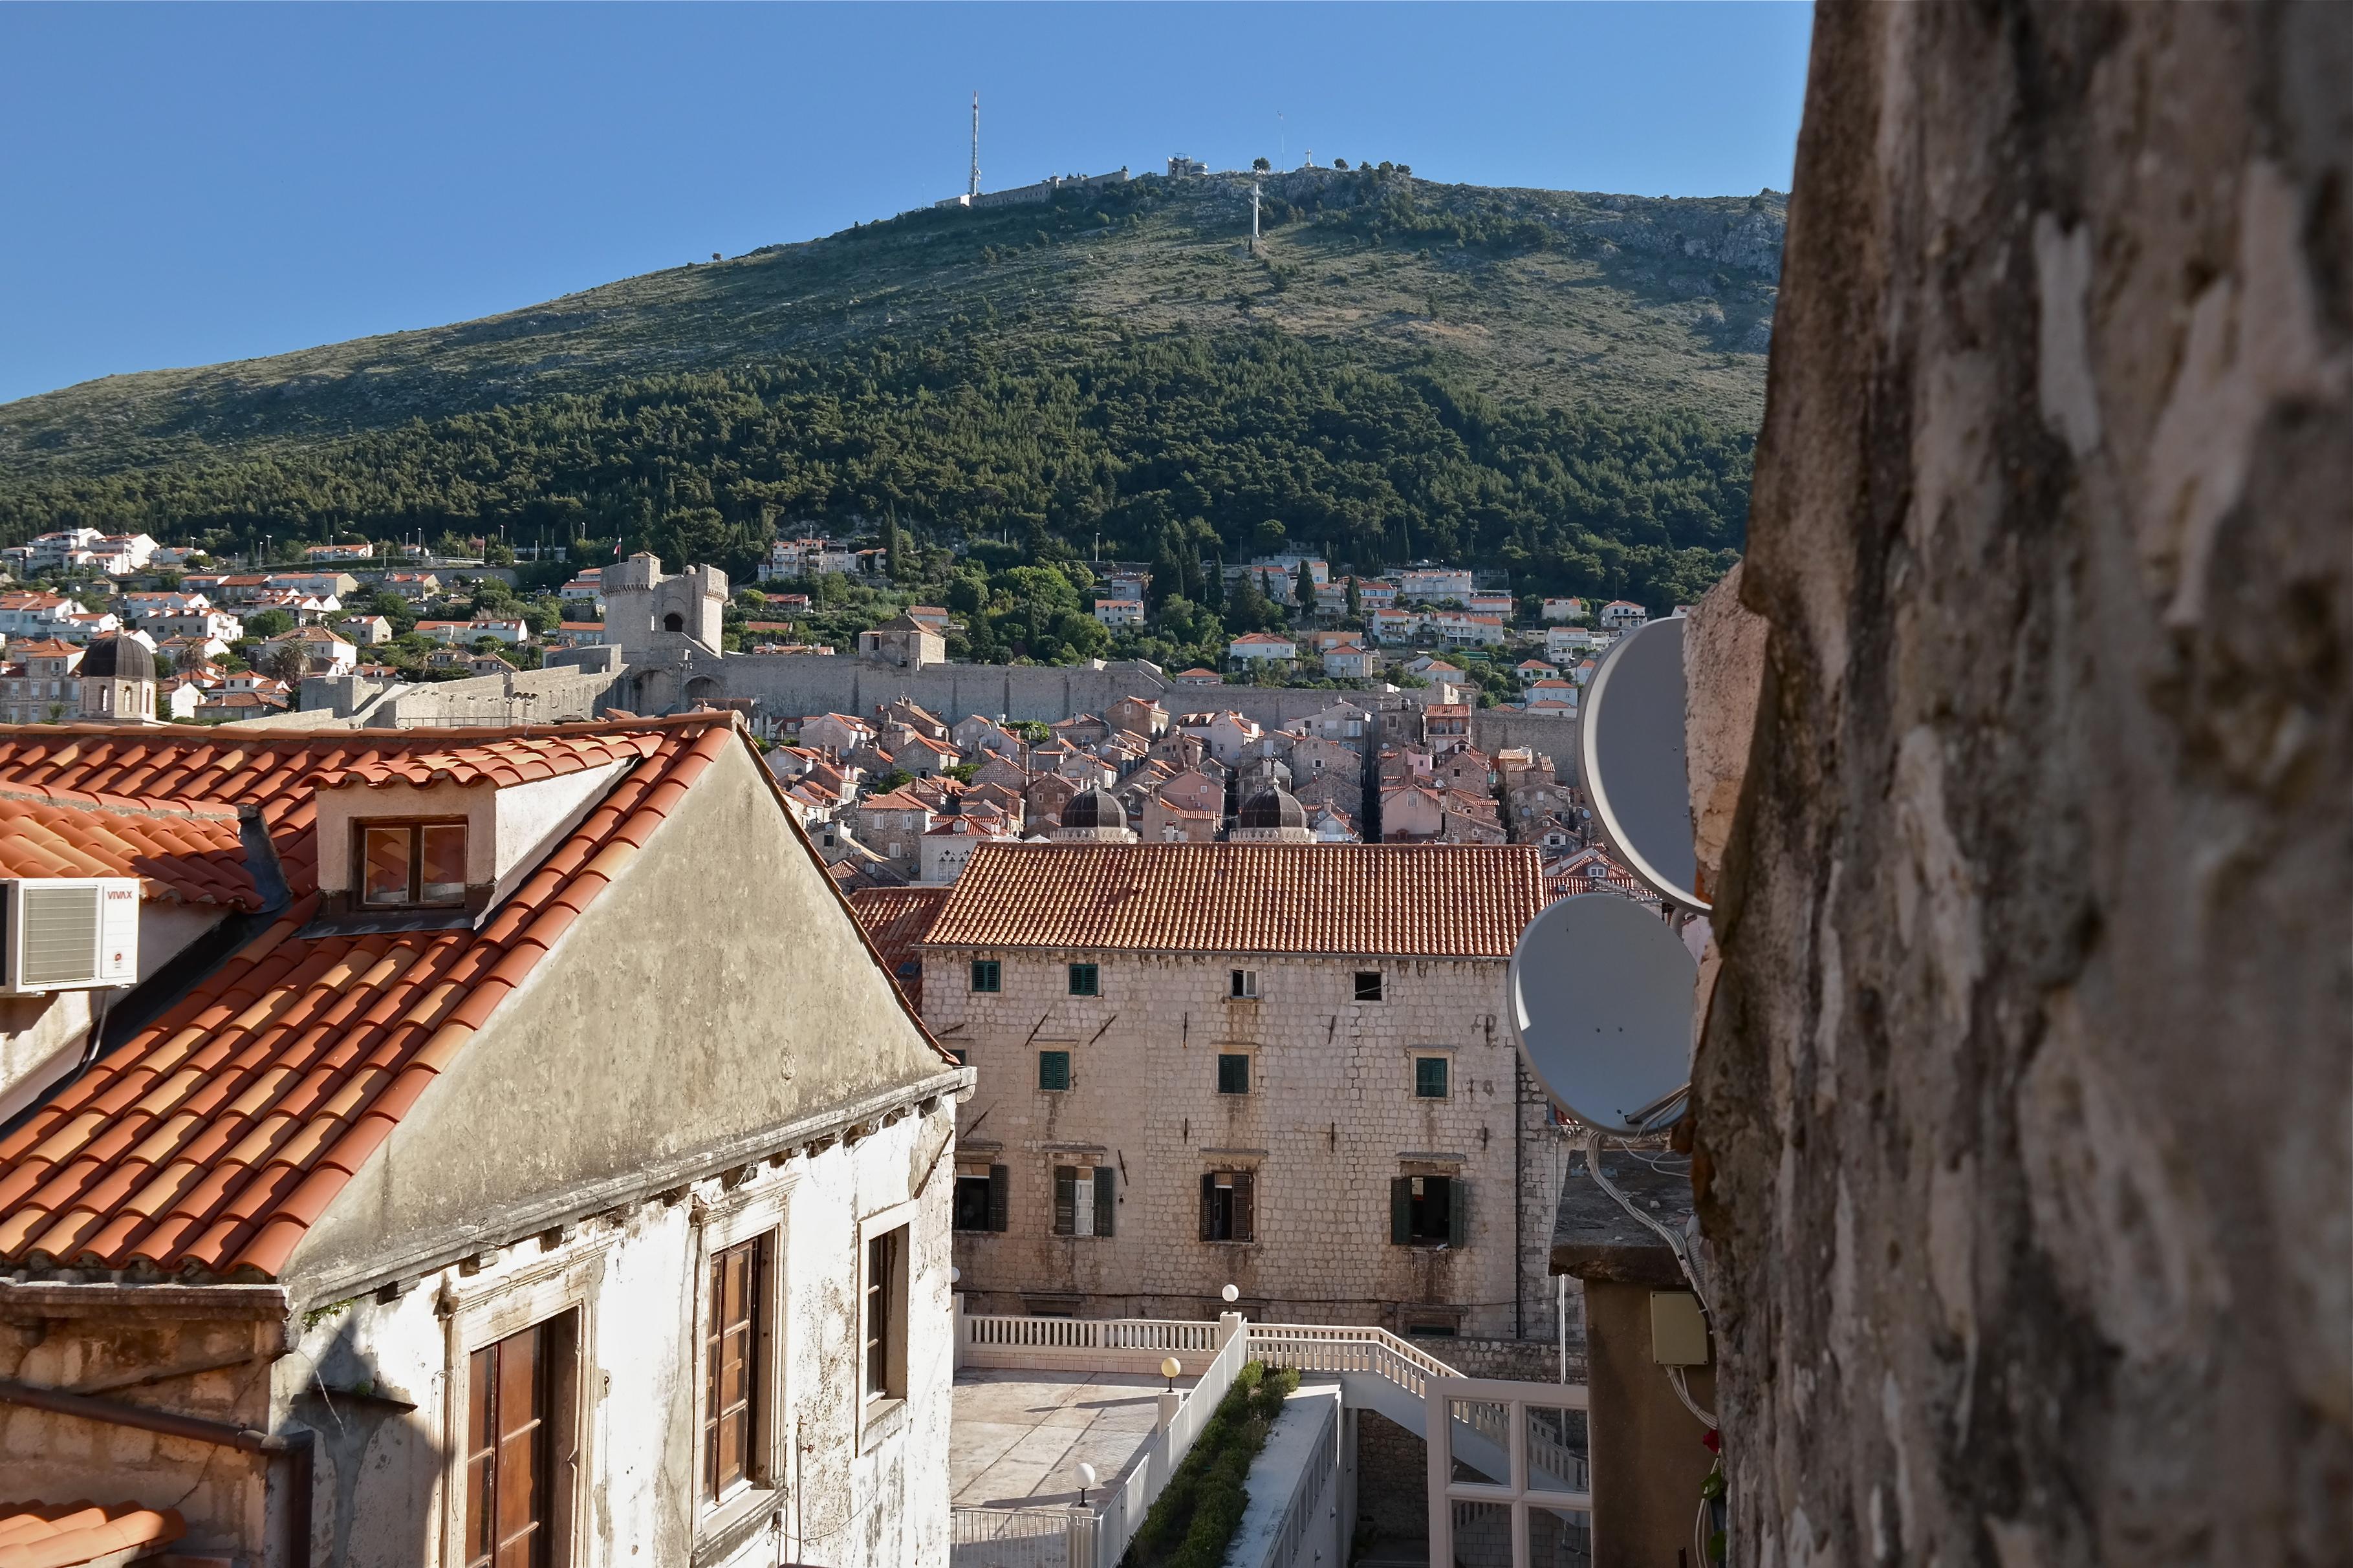 Blick seitlich aus dem Fenster über die Altstadt